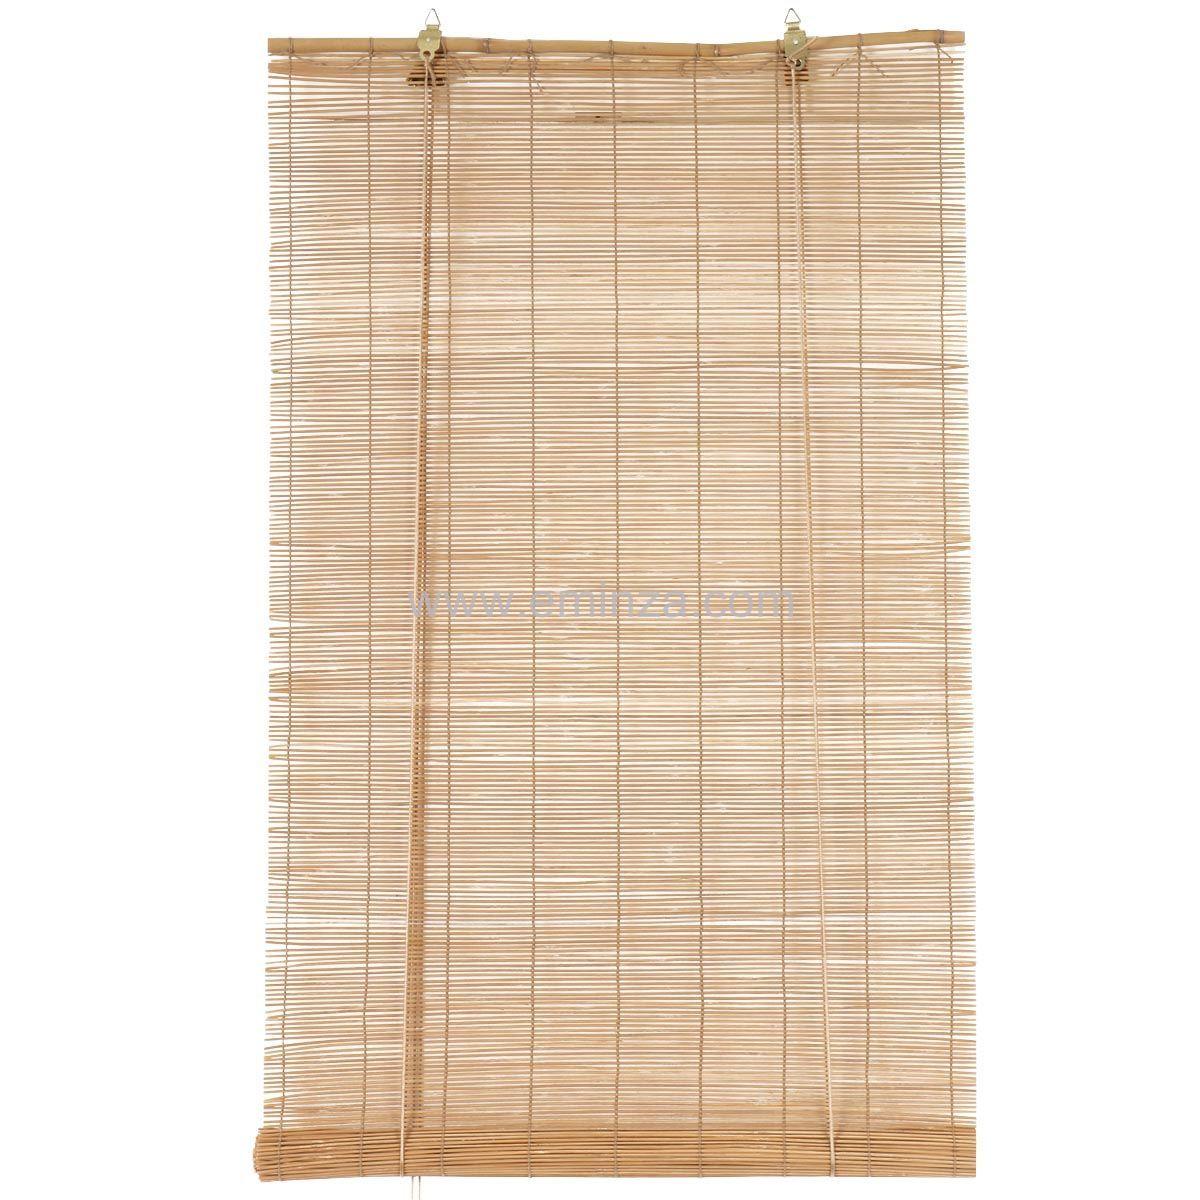 Store enrouleur baguettes 40 x h130 cm bambou naturel - Store bambou exterieur leroy merlin ...